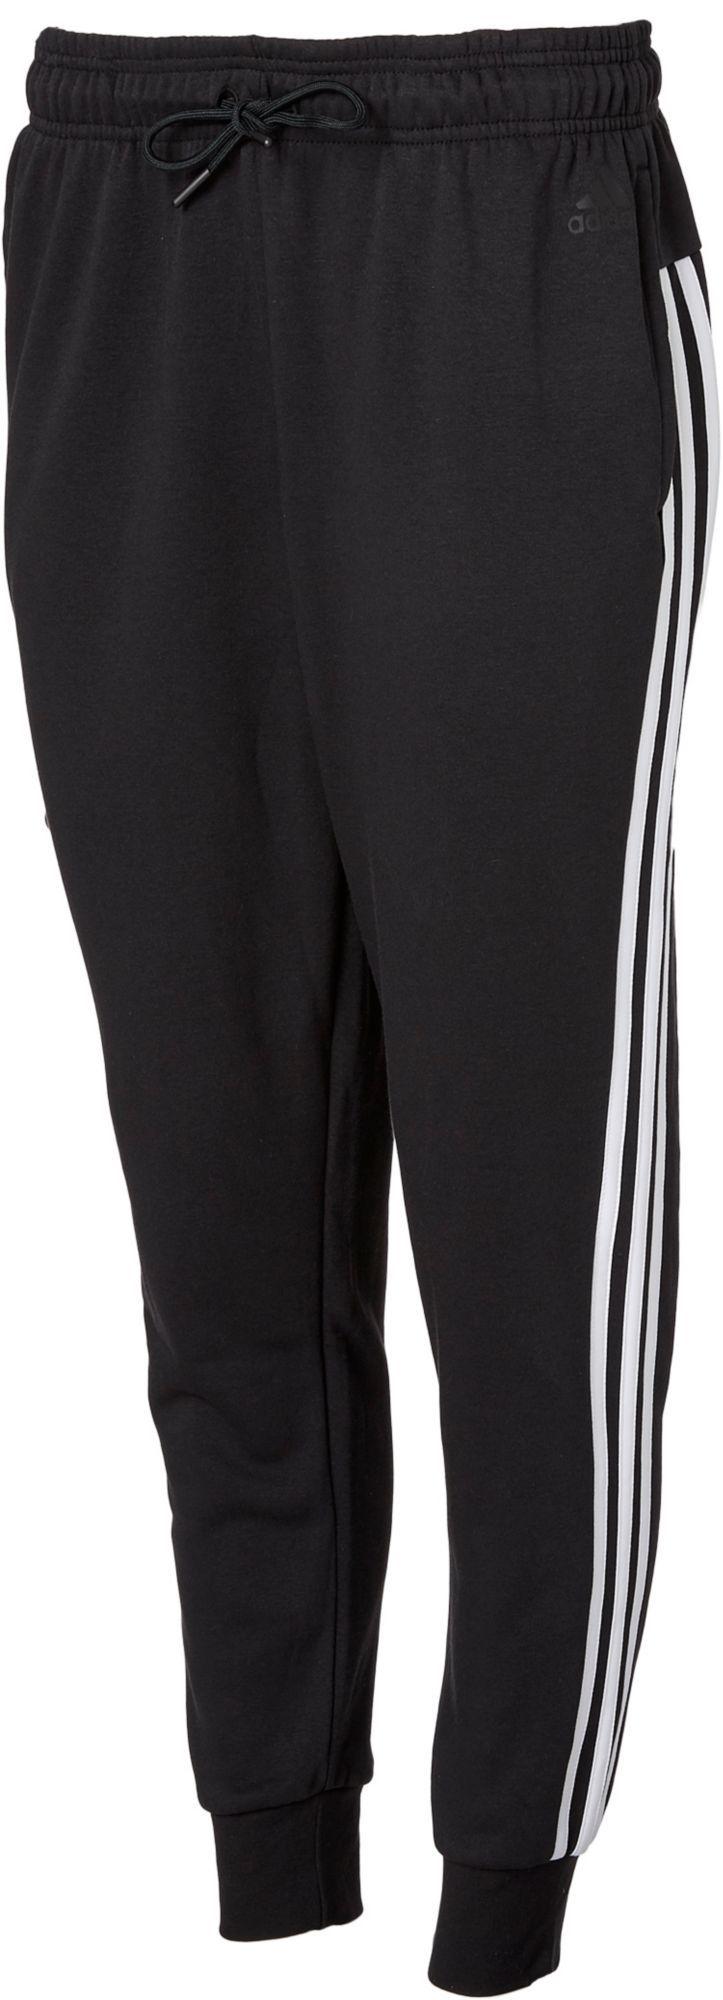 328d356b adidas Women's Essentials Cotton Fleece 3-Stripes Jogger Pants, Size: XS,  Black